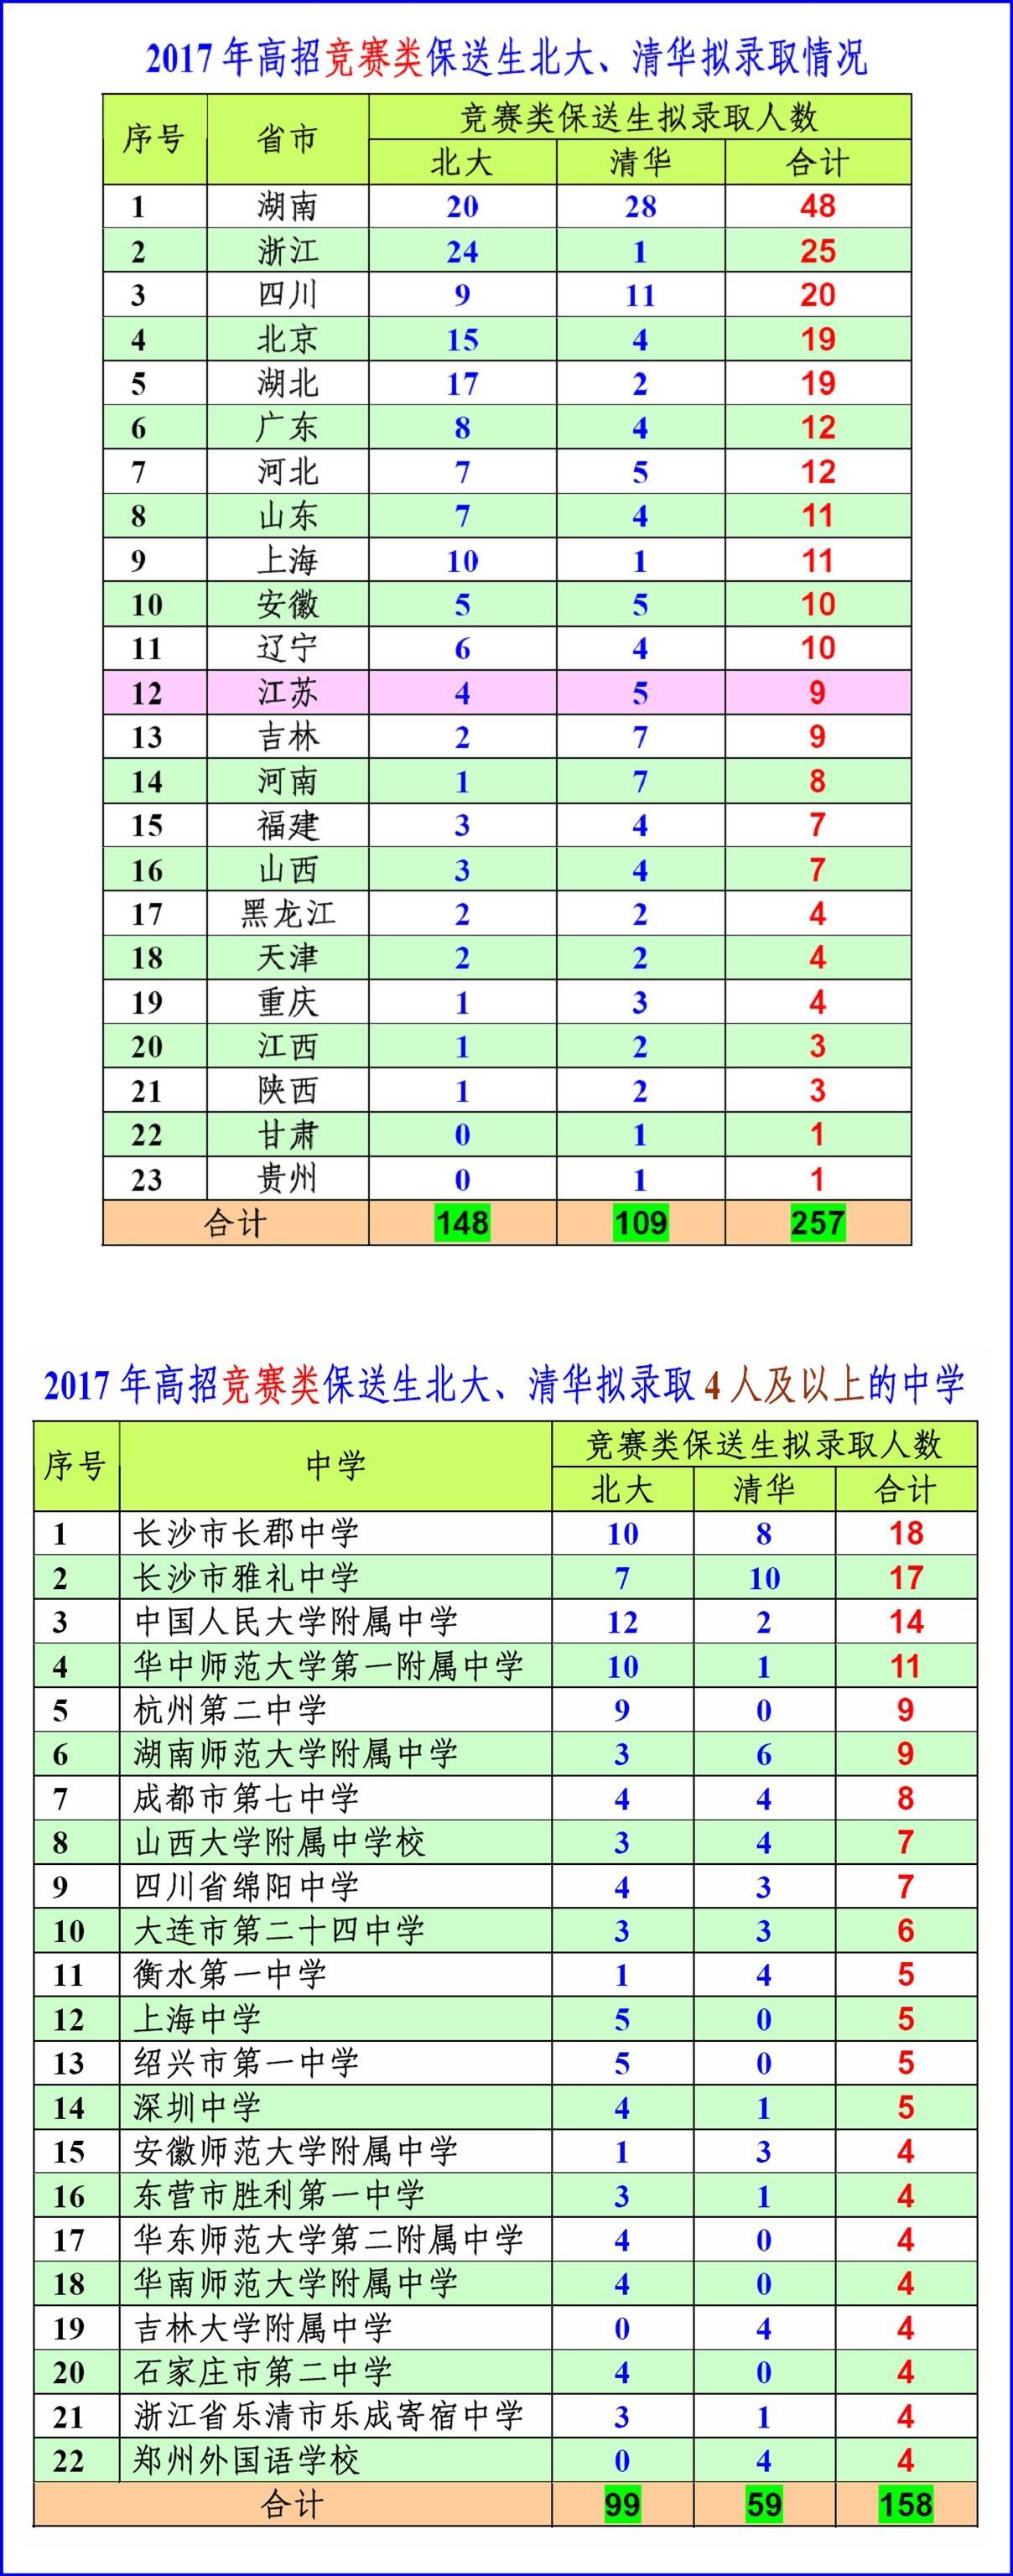 2017年高招竞赛类保送生北大、清华拟录取情况.jpg